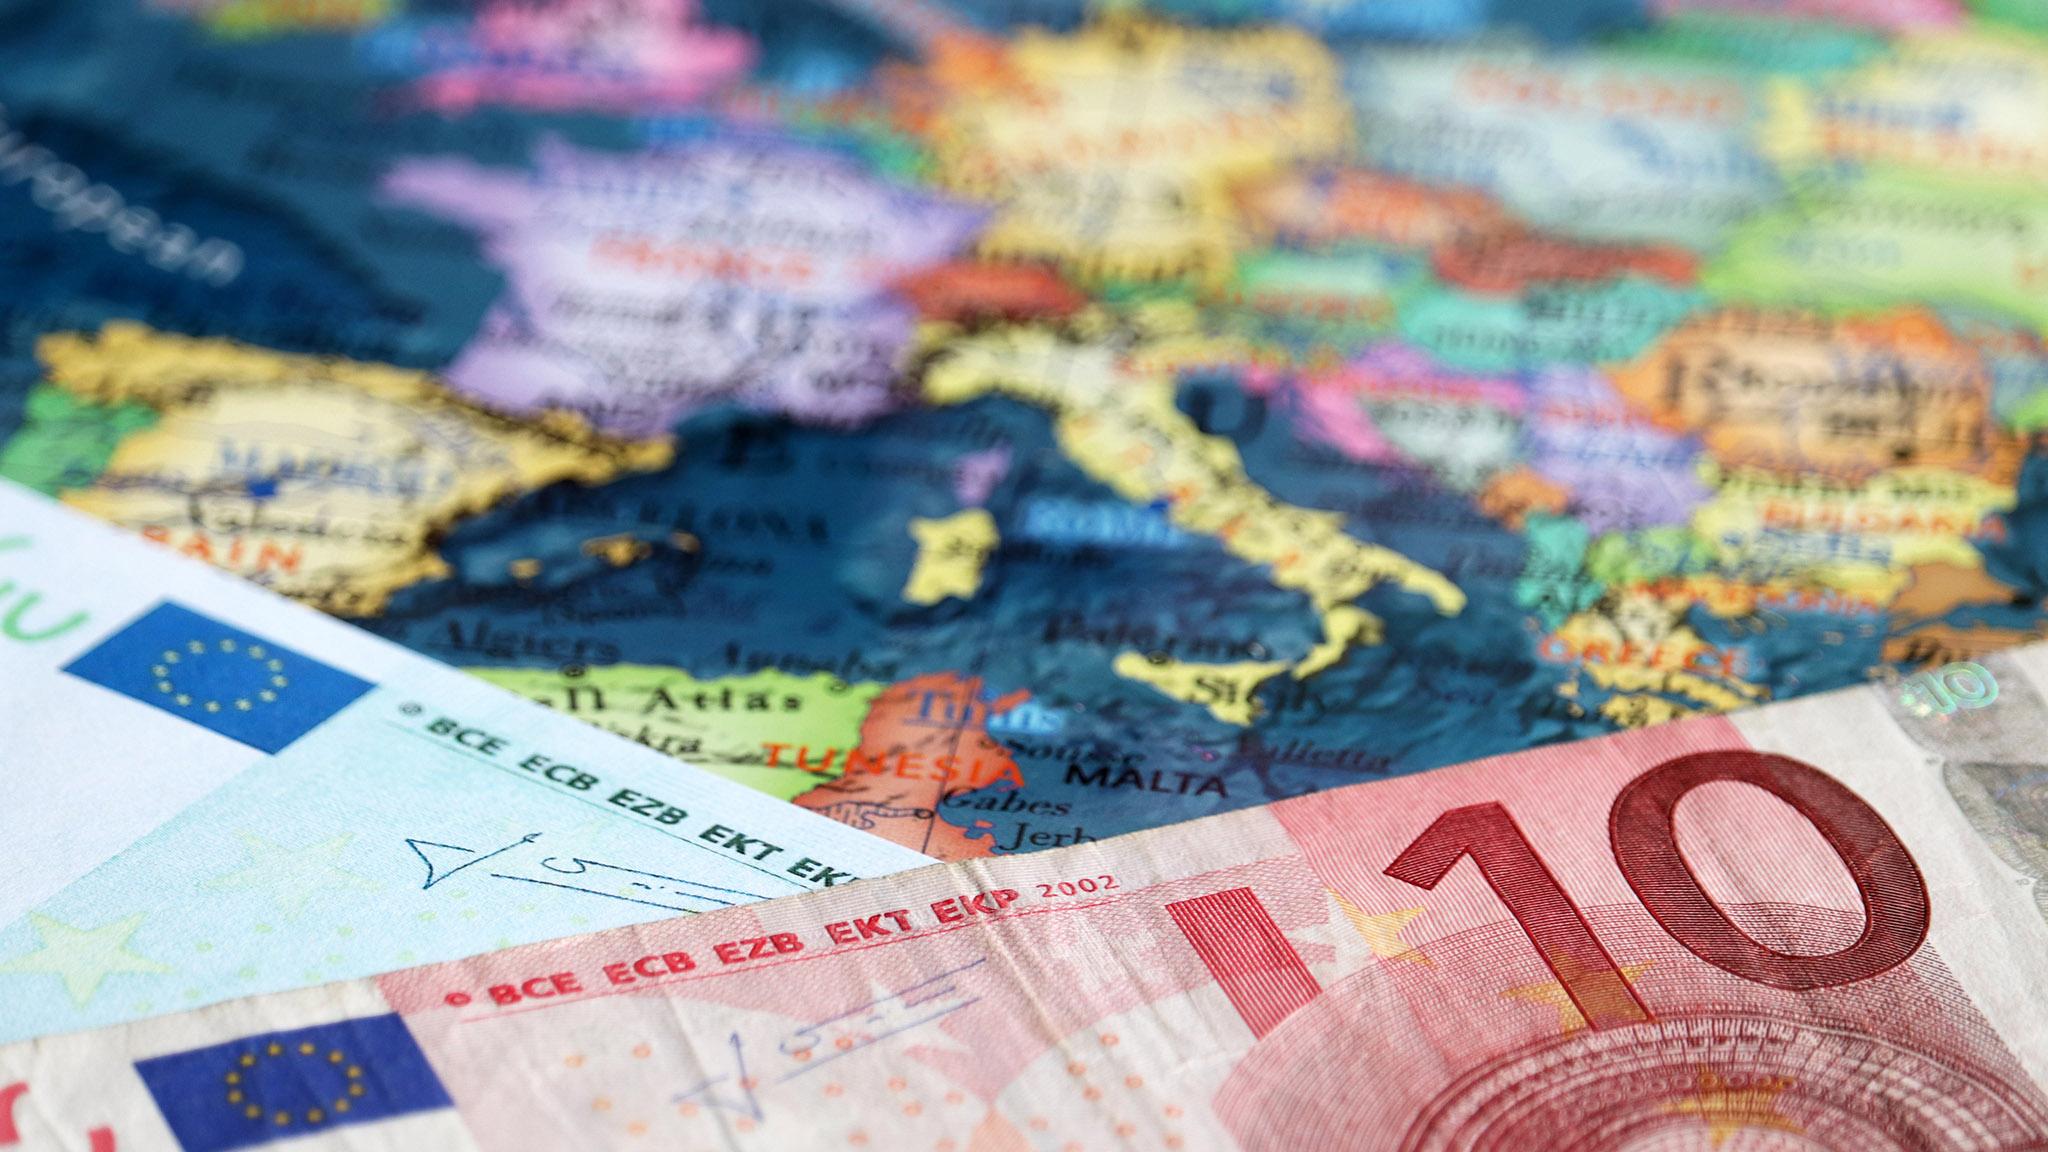 Urlaubskredit: Die nächste Reise finanzieren